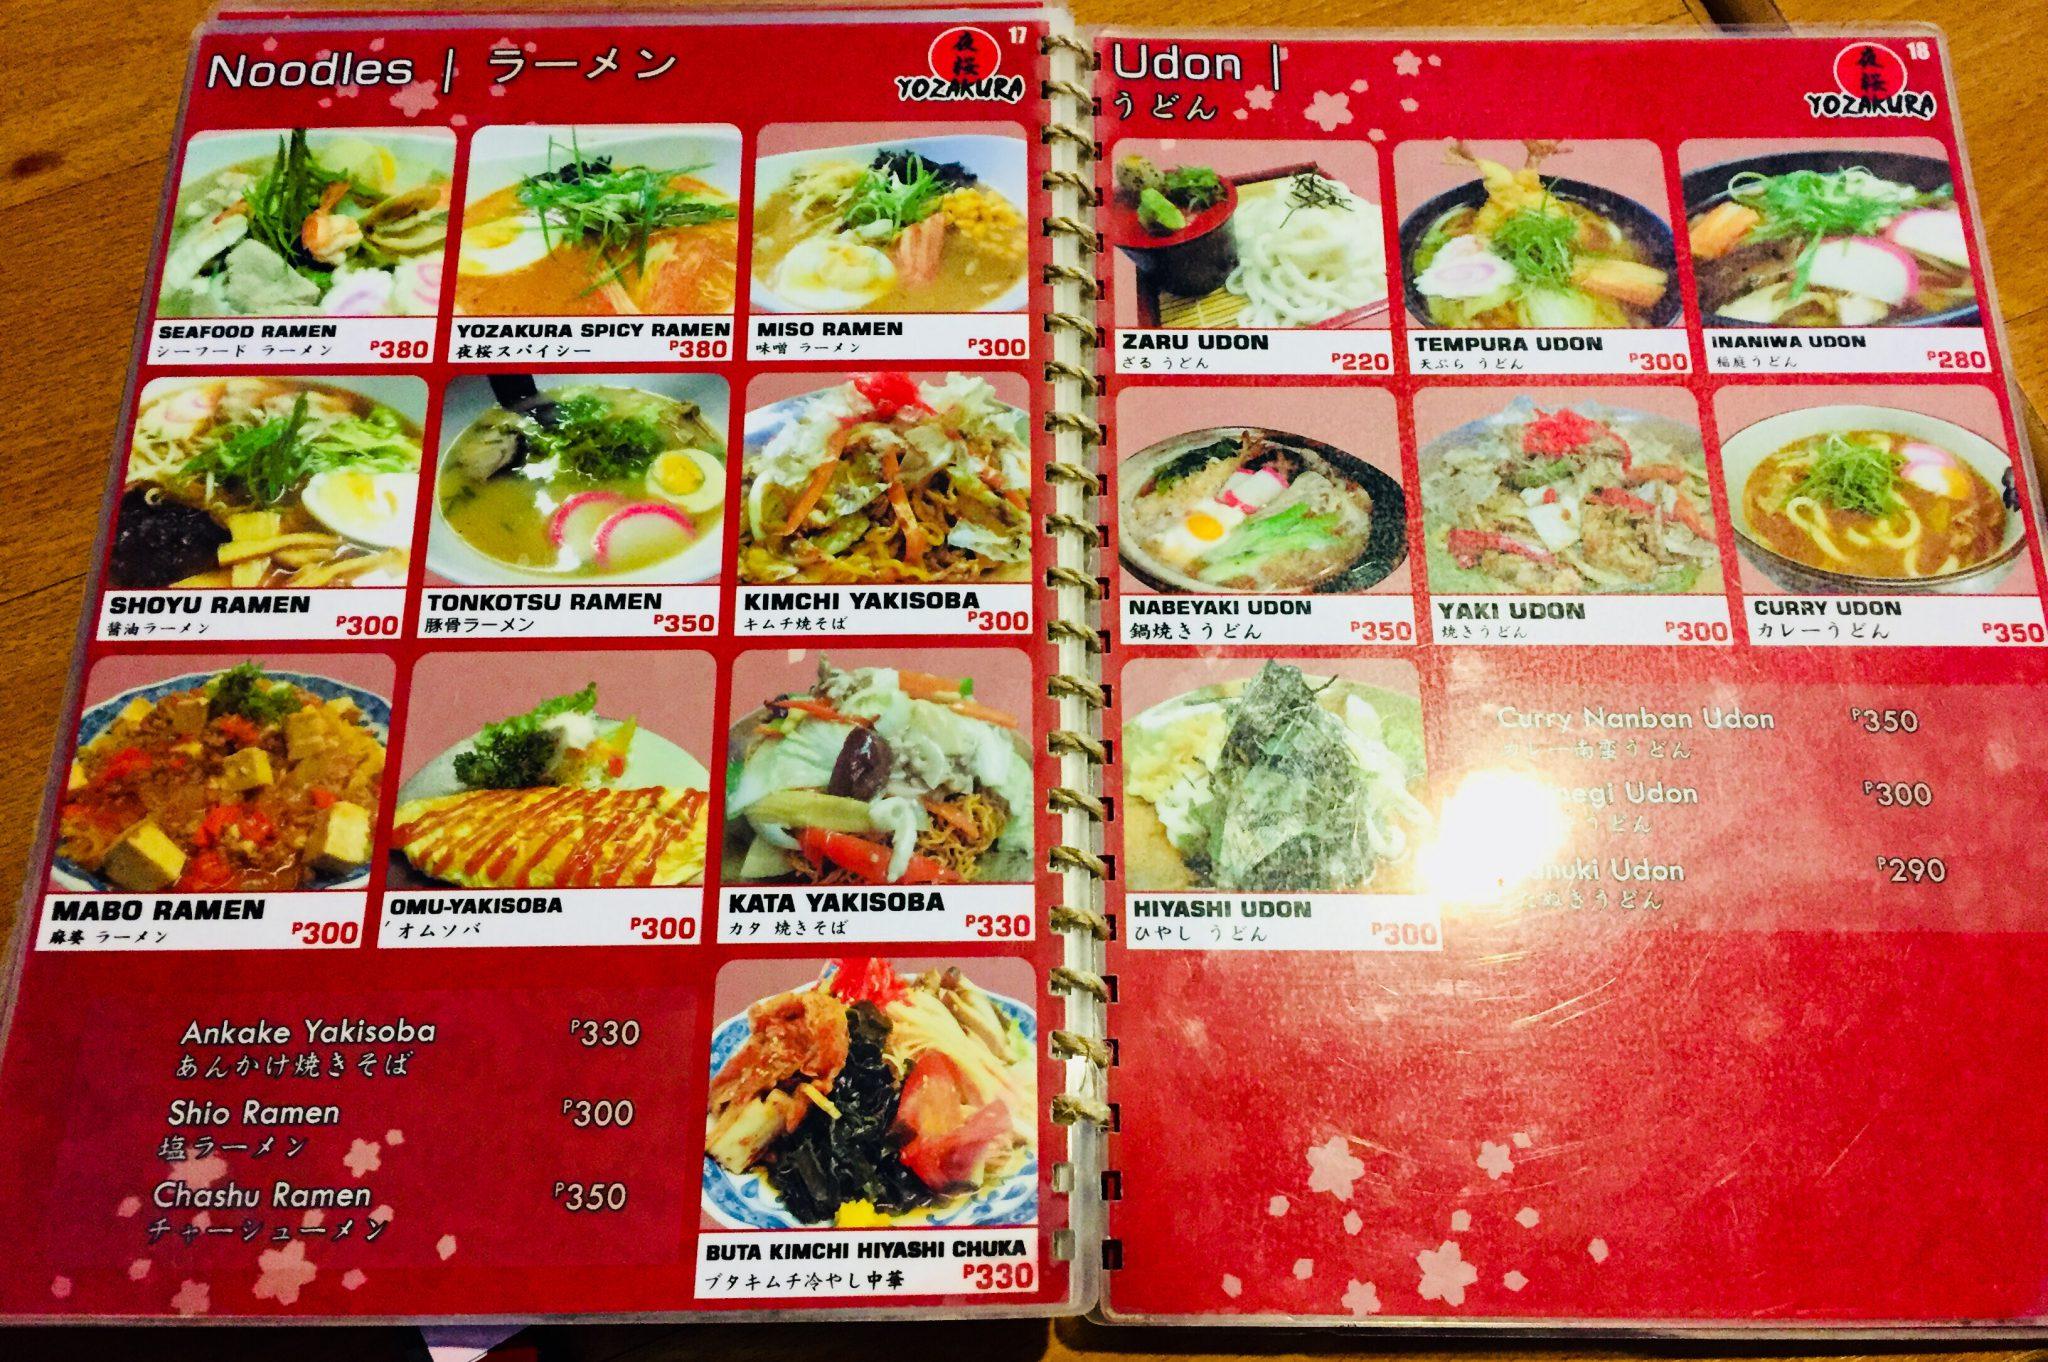 夜桜/Yozakura Sushi Bar Restaurant Cebu